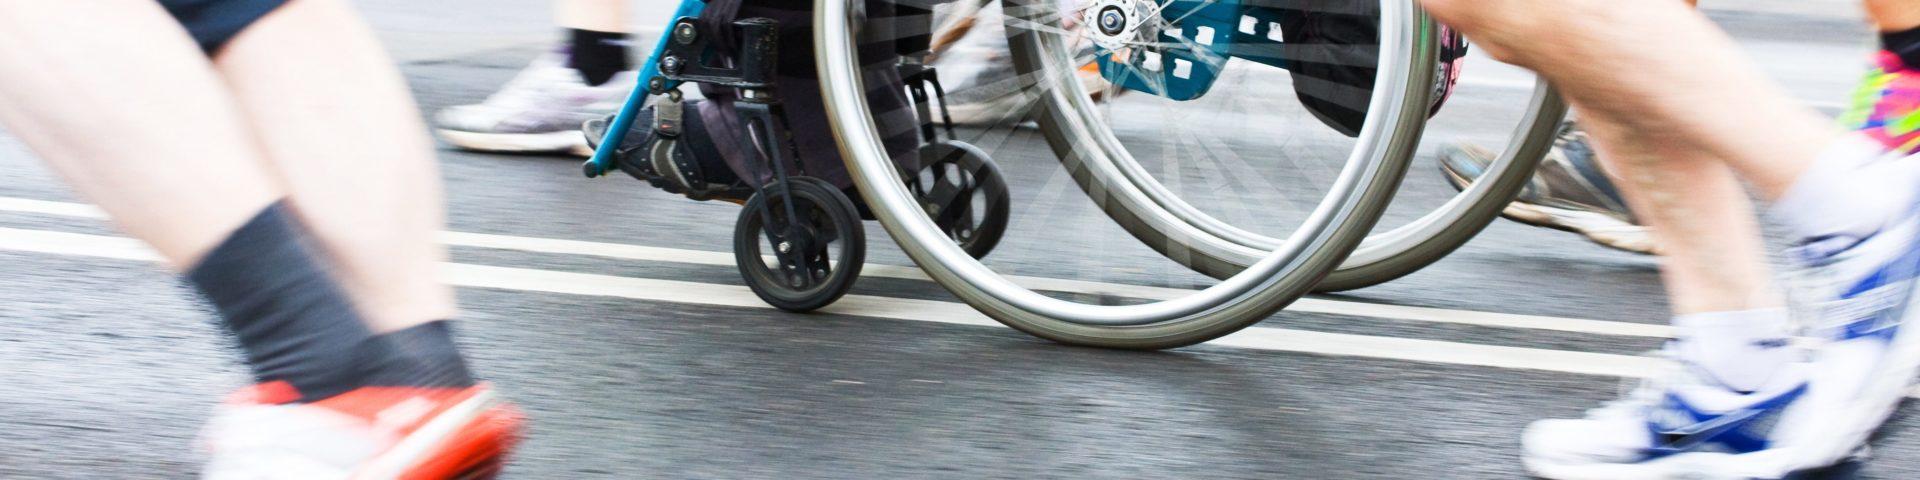 (Castellano) Ofertas de empleo para personas con discapacidad |No dejar a nadie atrás